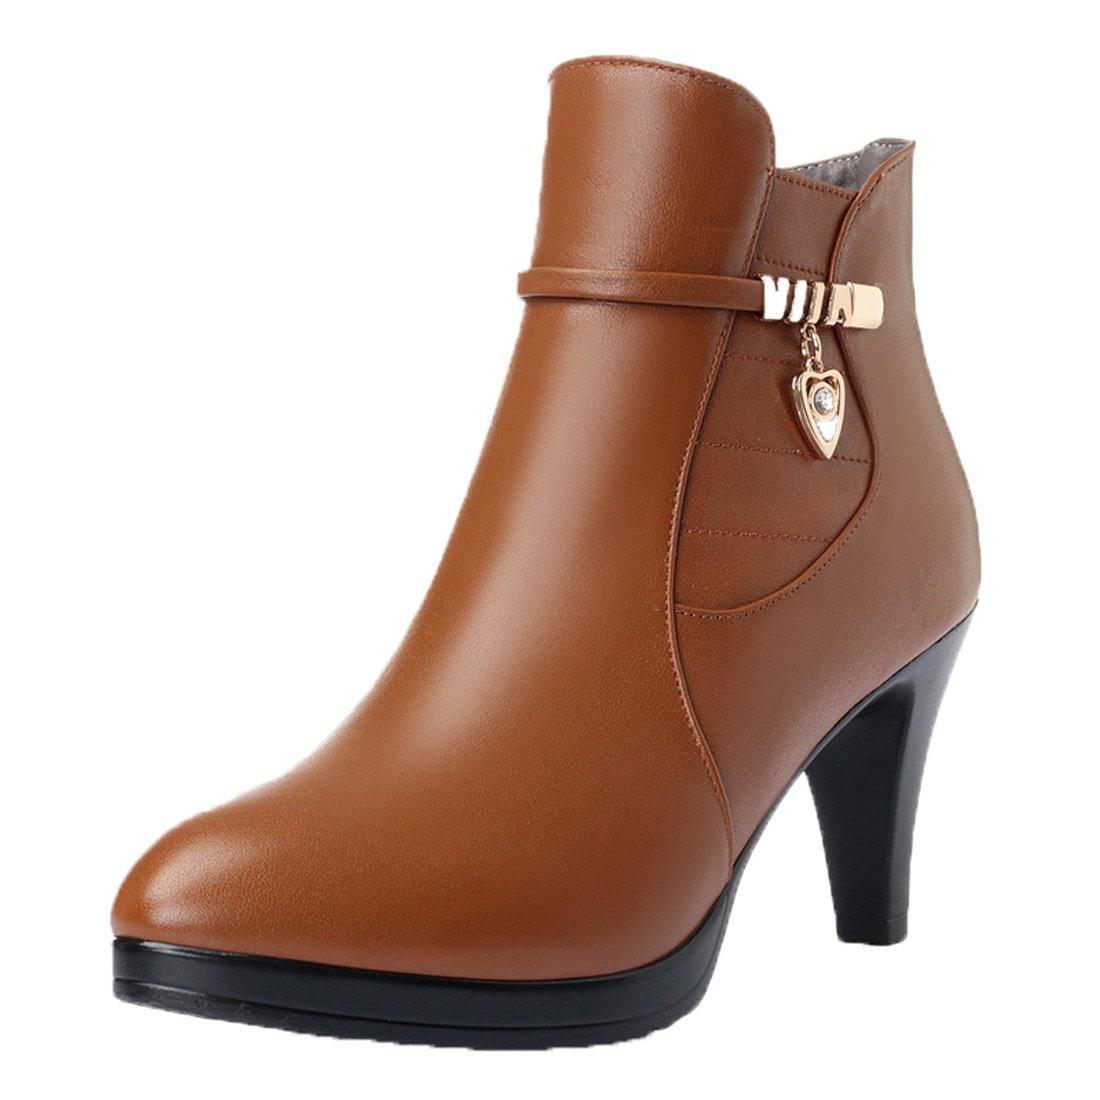 Honeystore Damen Stiefeletten High Heels Spitze Stiletto Ankle Stiefel mit Reißverschluss Schnalle 7cm Absatz Elegante Schuhe